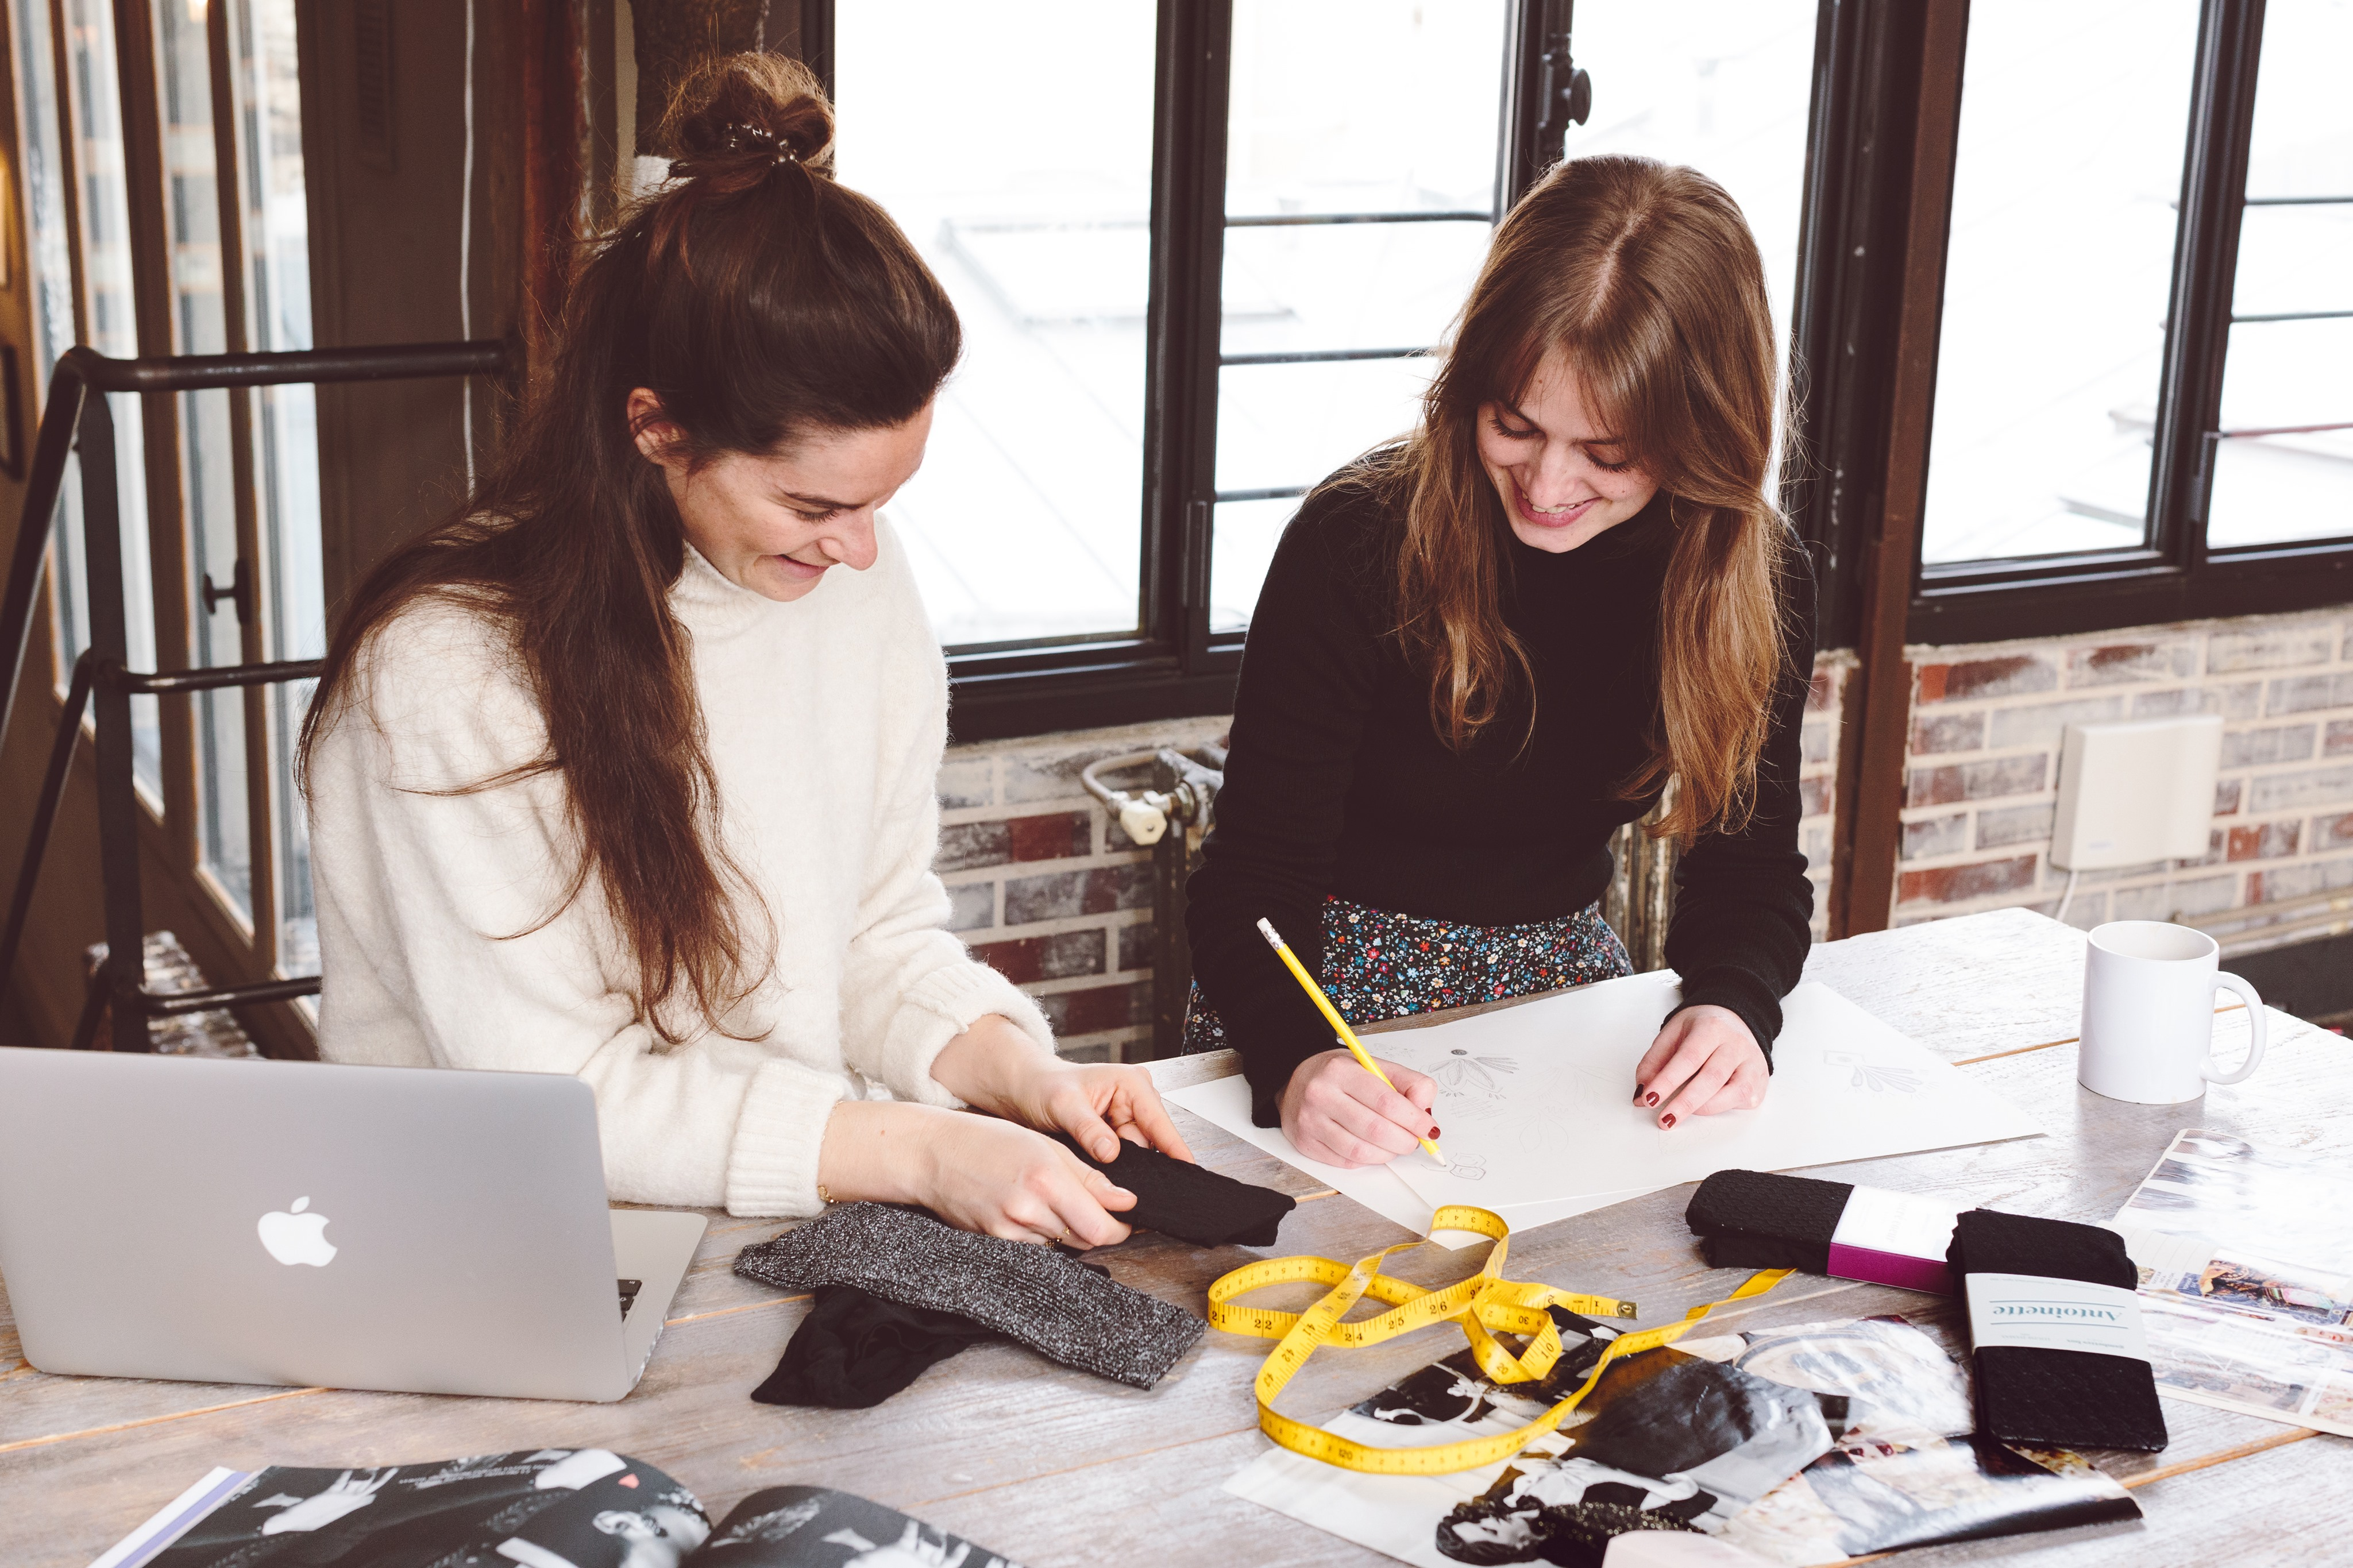 Gambettes image Wie werden Deine Strumpfhosen<br> entworfen?